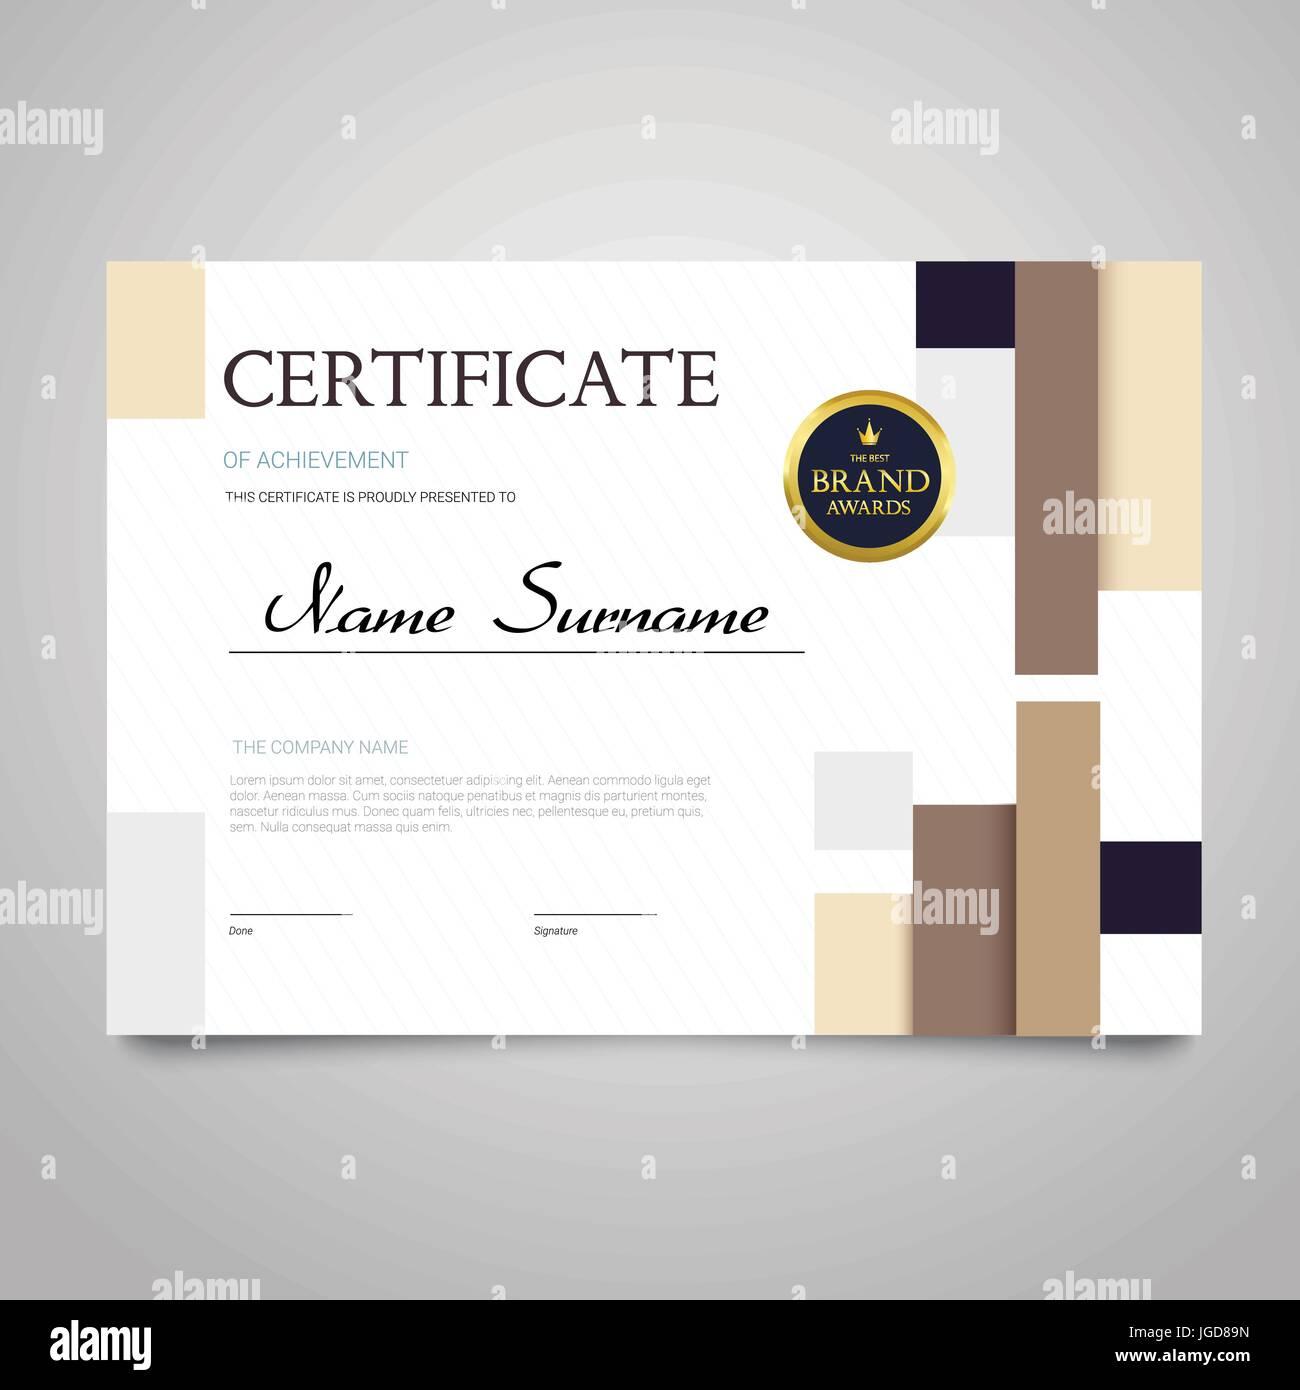 Charmant Zertifikat Für Wertschätzung Vorlage Zeitgenössisch - Entry ...